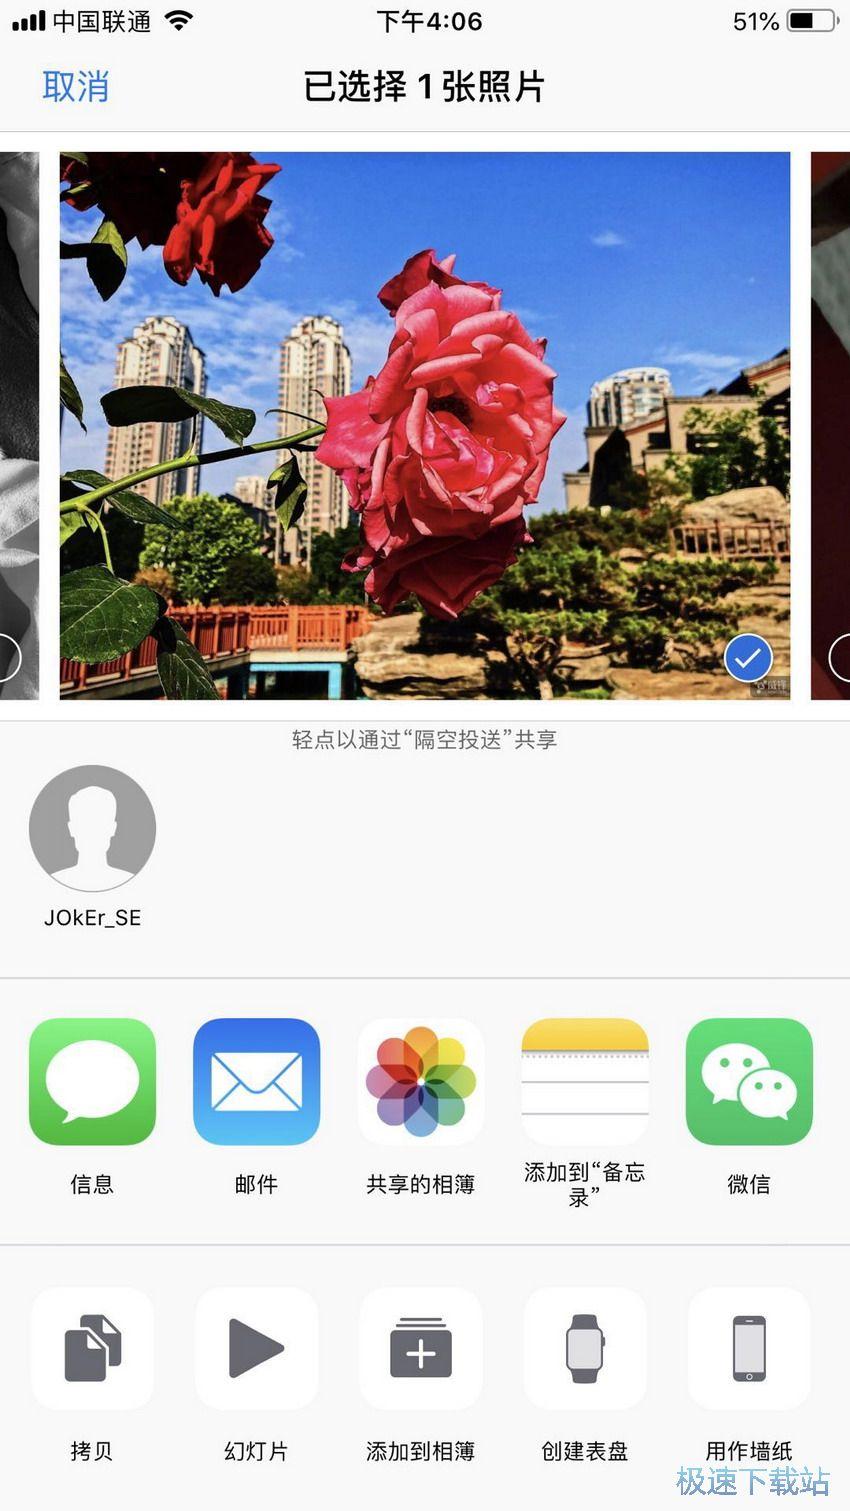 方法手机AirDrop隔空投送手机的苹果收藏彼文件女图片